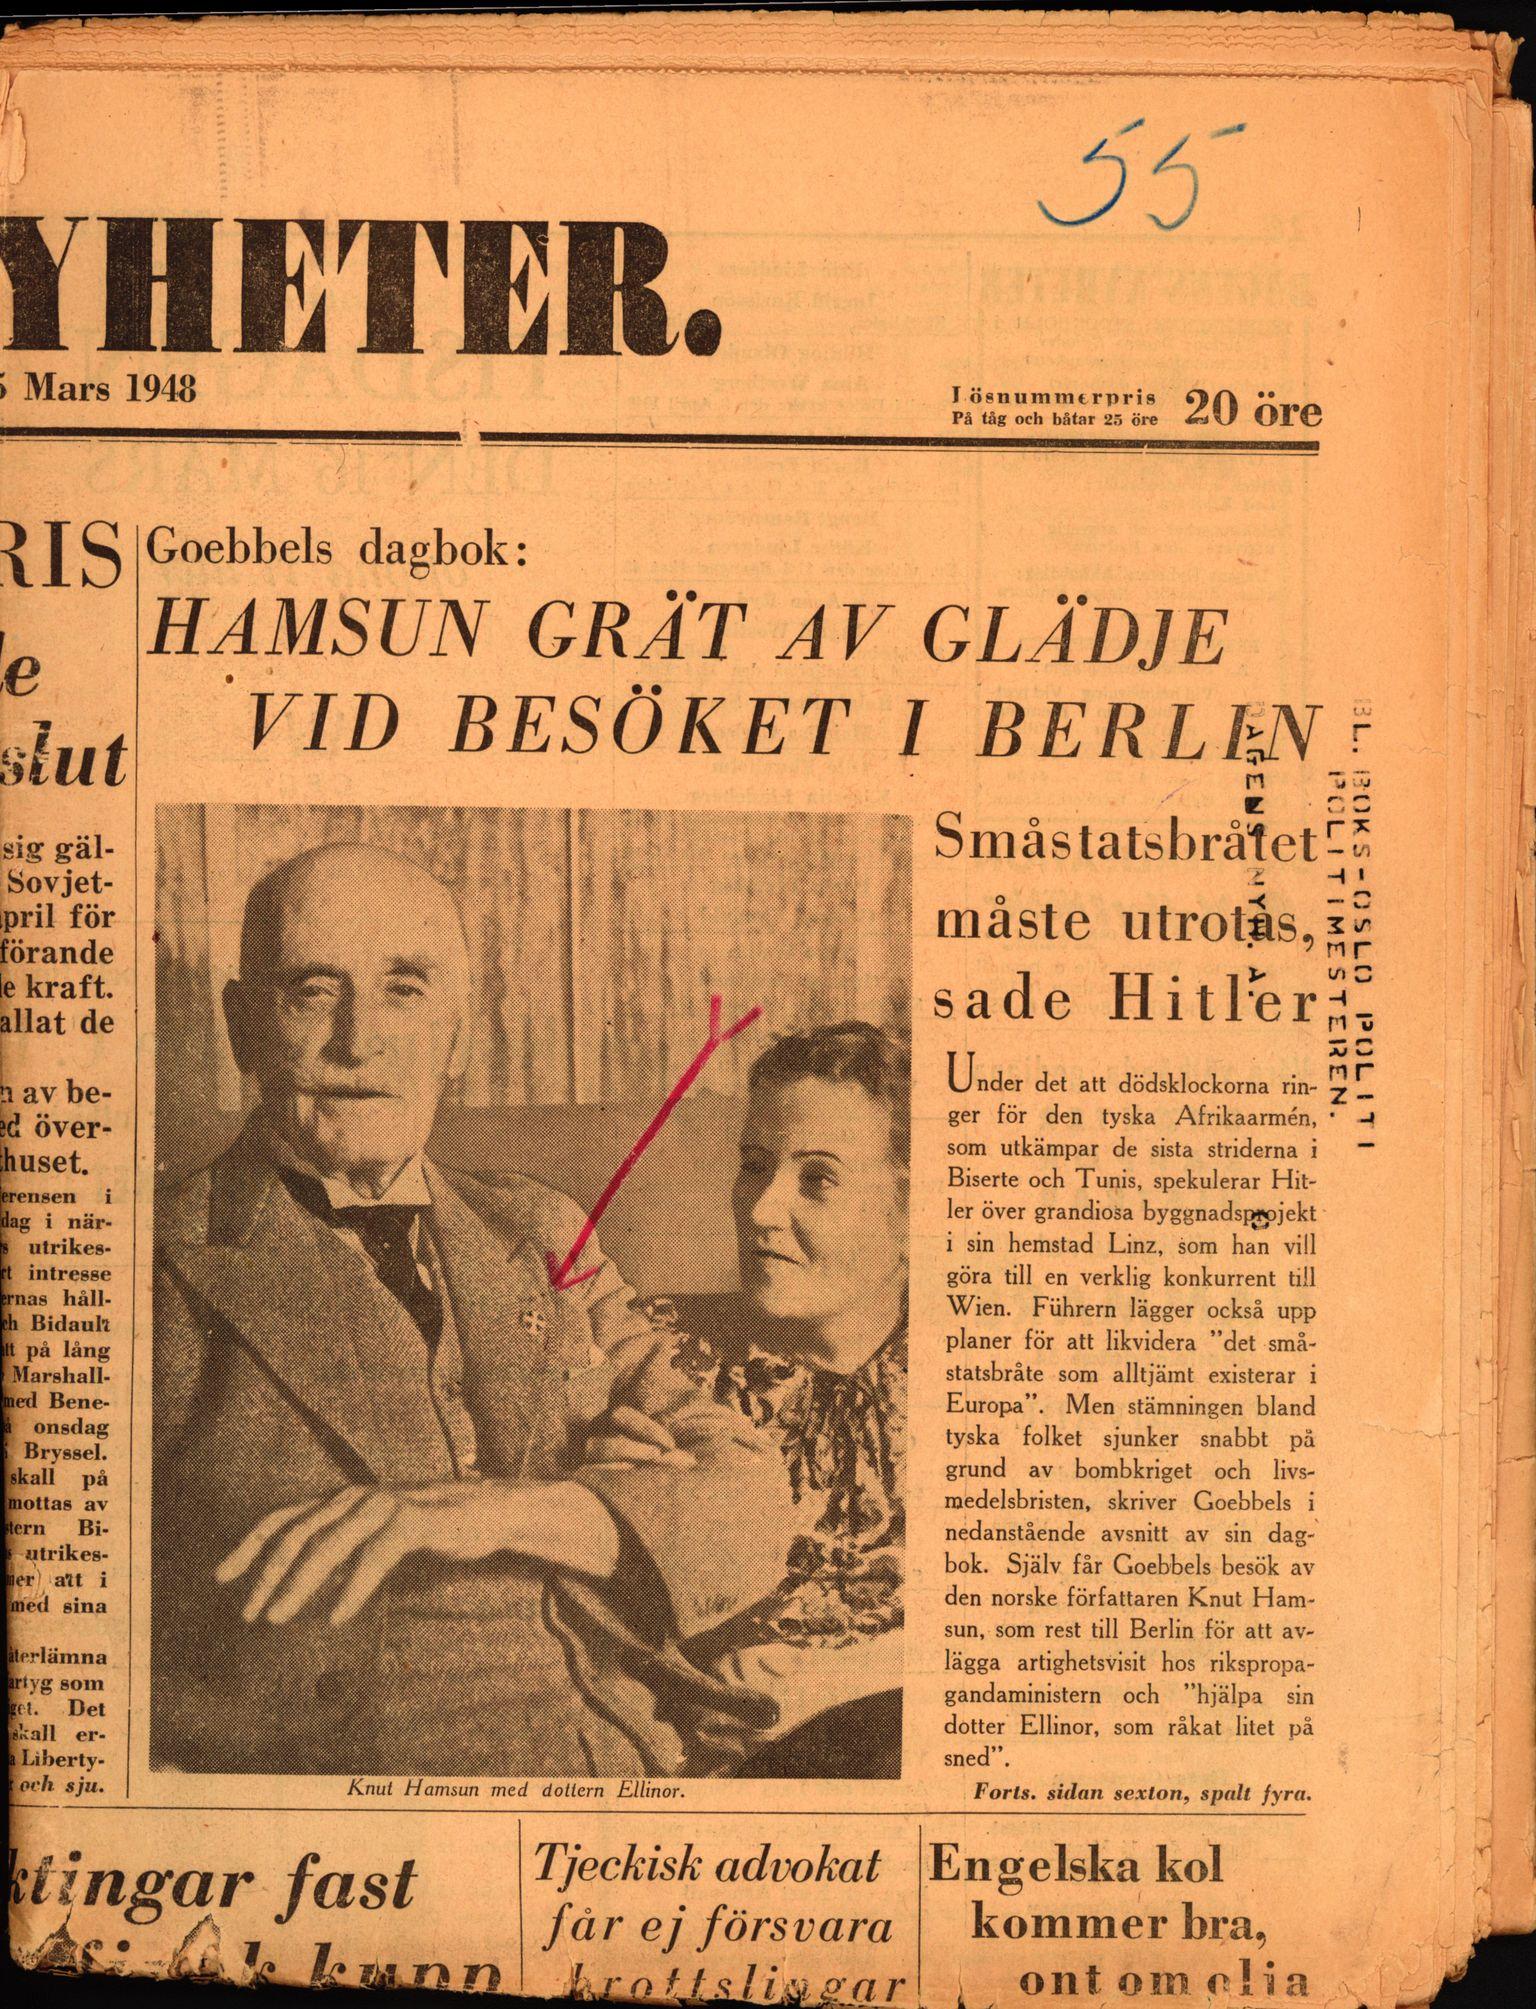 RA, Landssvikarkivet, Arendal politikammer, D/Dc/L0029: Anr. 192/45, 1945-1951, p. 596